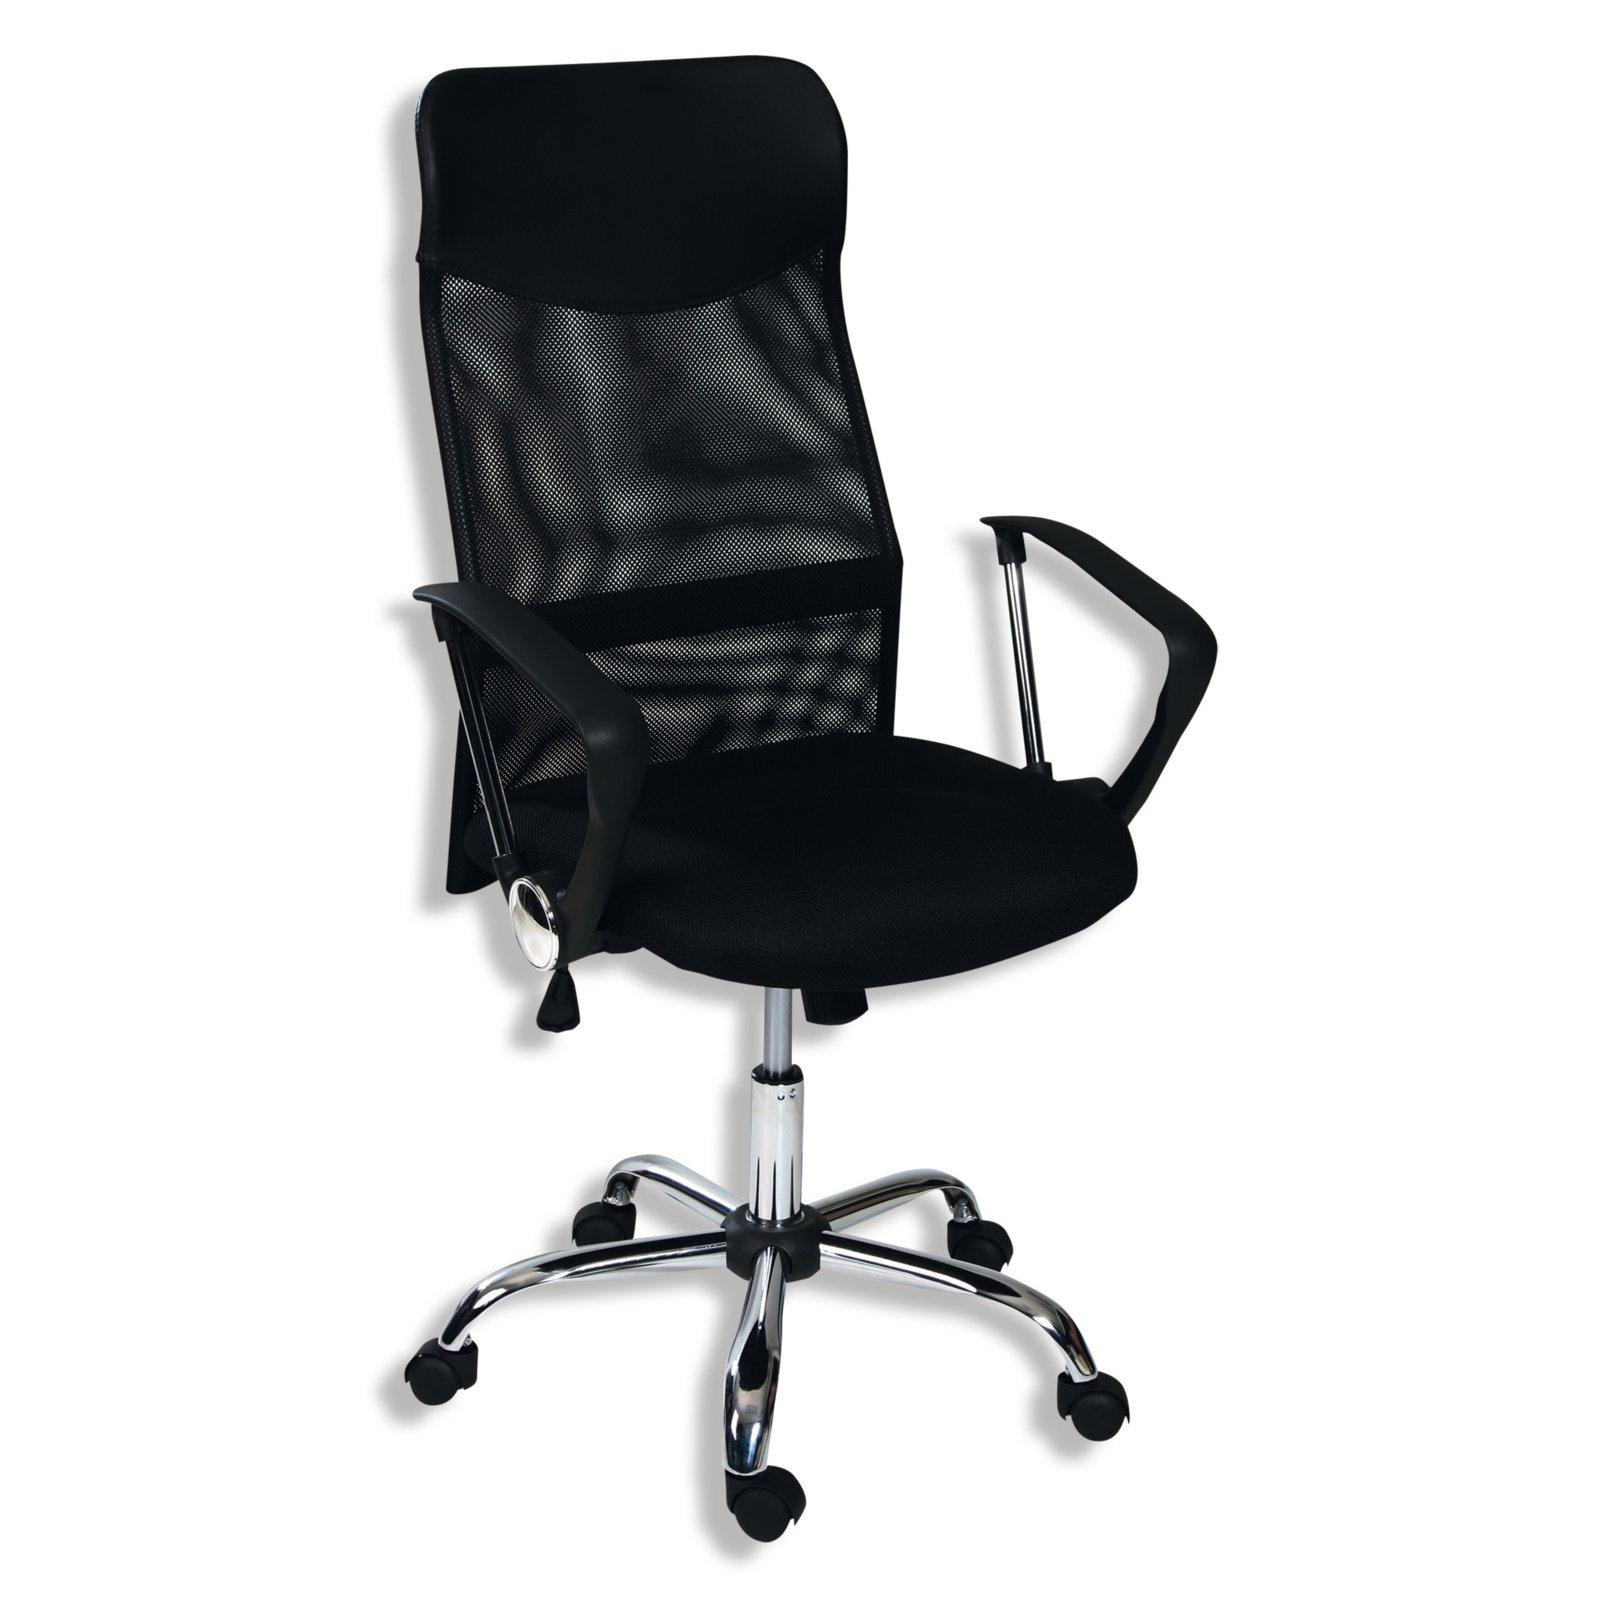 drehstuhl jugend b rostuhl drehstuhl dirk h henverstellbar. Black Bedroom Furniture Sets. Home Design Ideas